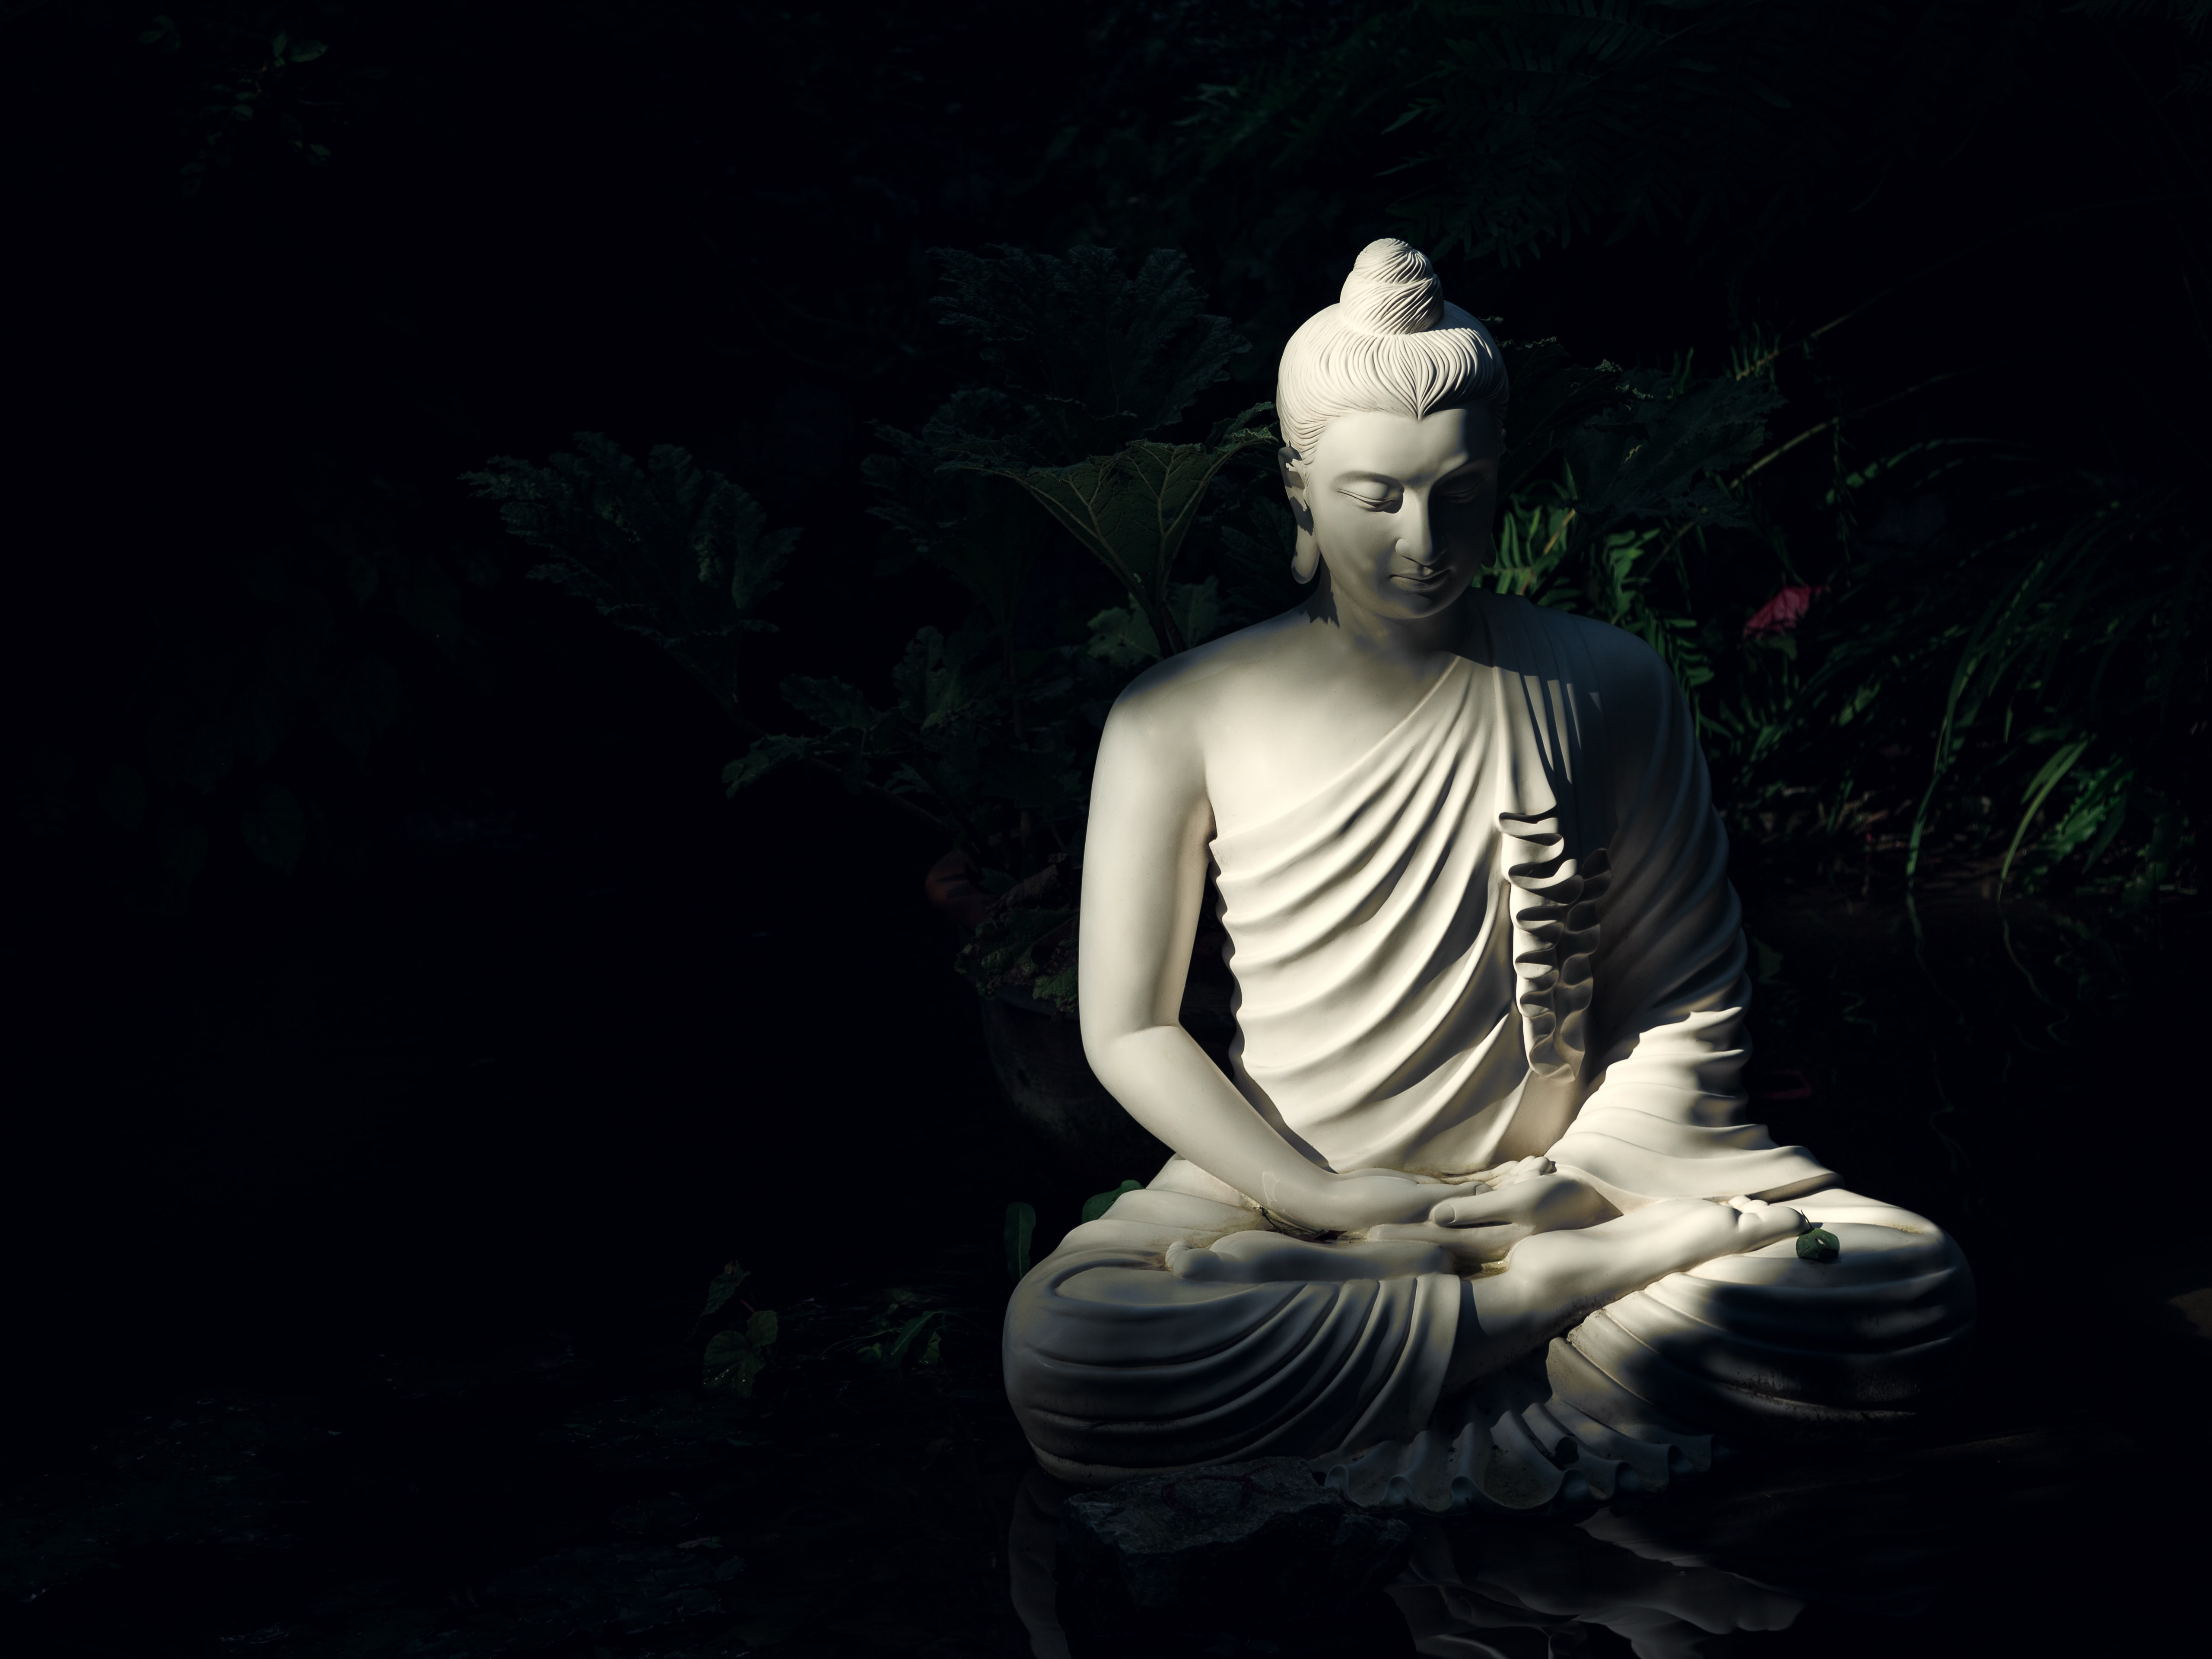 Buddha Statue photo by Mattia Faloretti on Unsplash